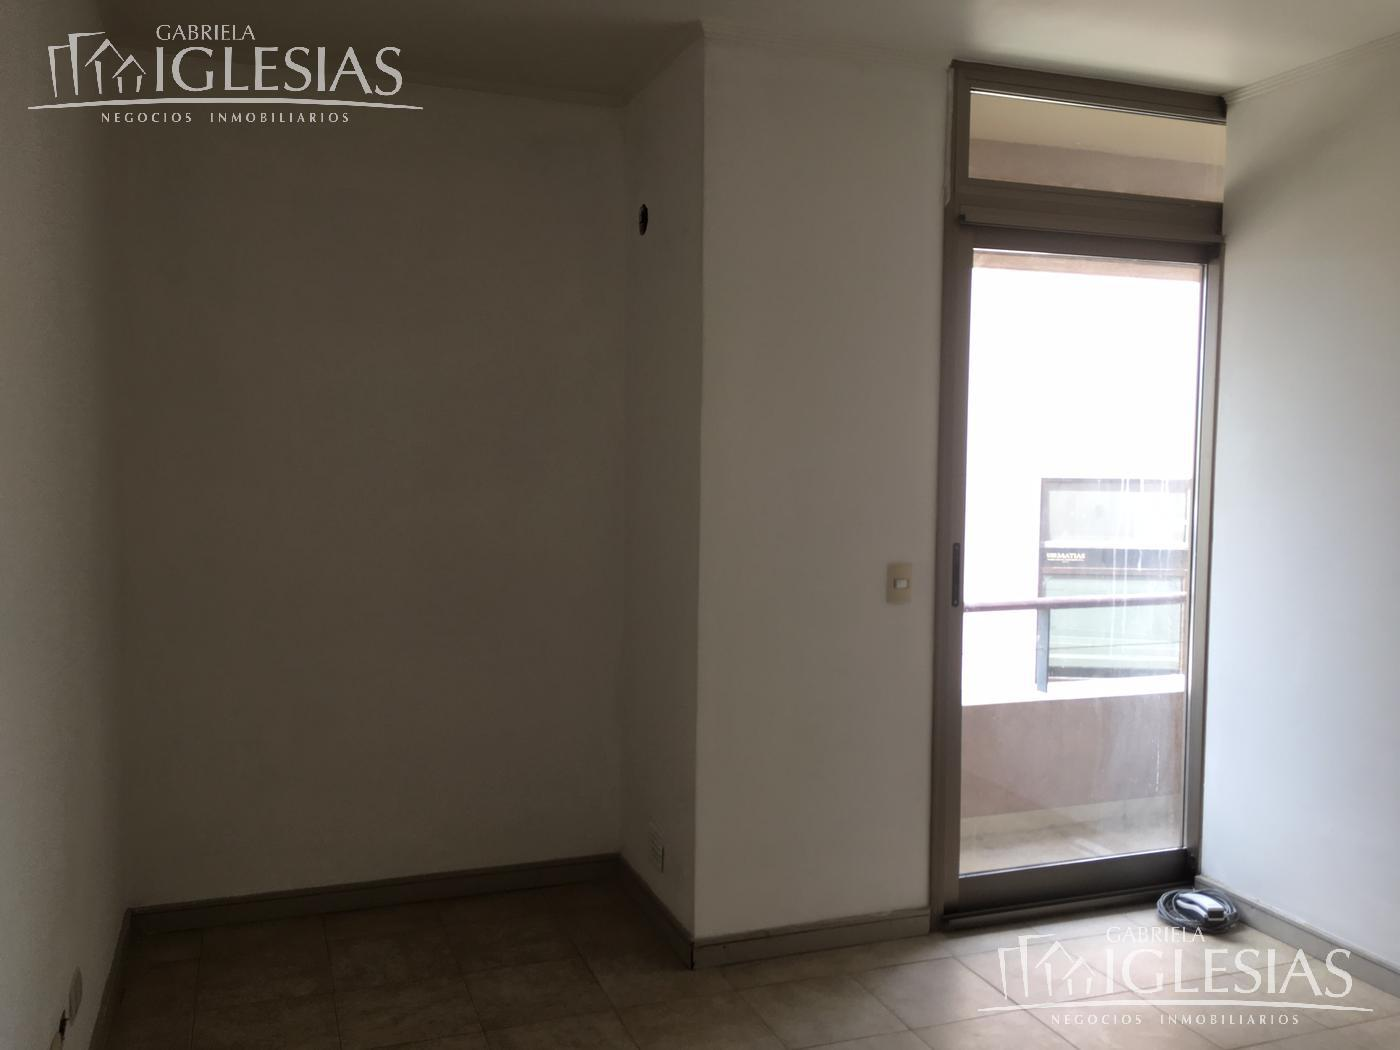 Departamento en Alquiler en Paseo de la Bahia - Studios II a Alquiler - $ 8.900